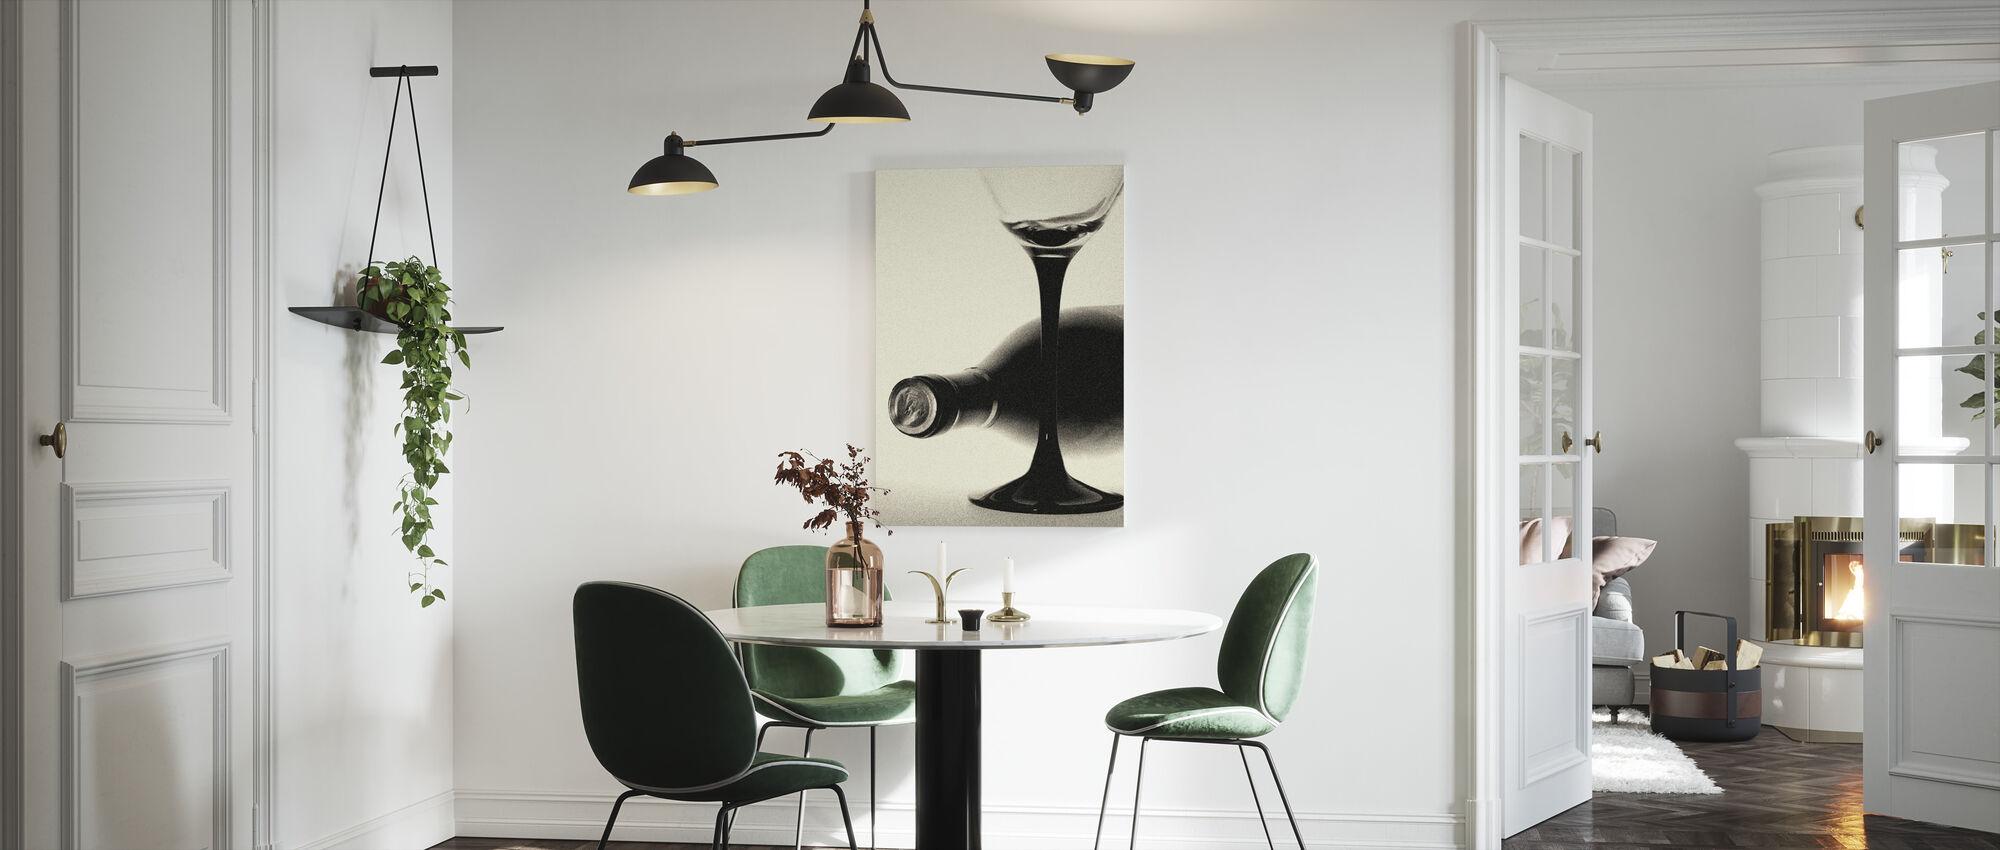 Korrelige Wijnfles - Canvas print - Keuken